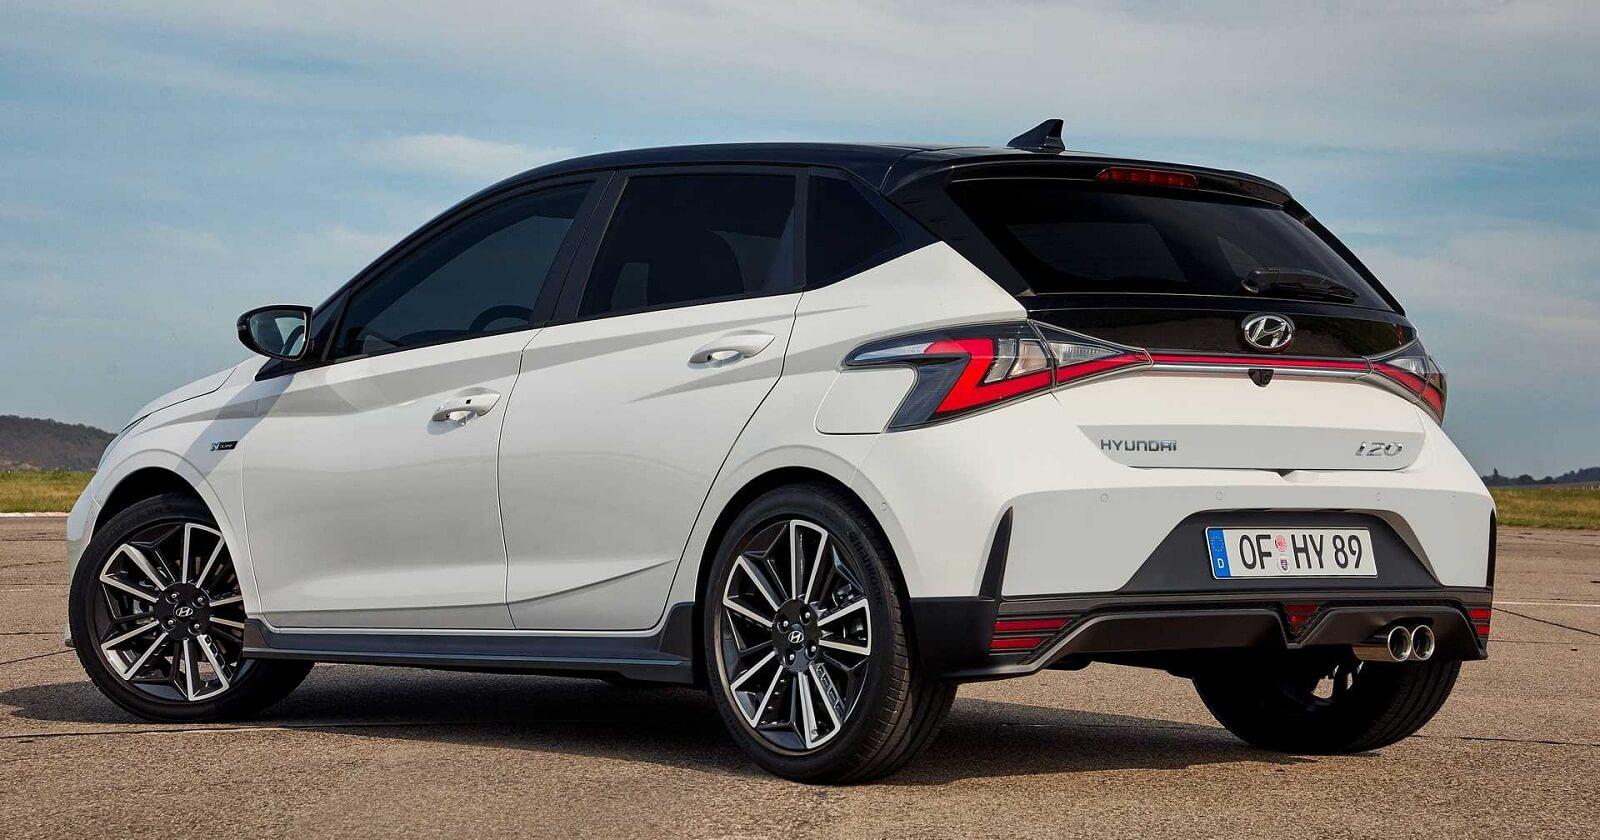 Hyundai i20 2021 yeni otomobil kampanyası devam ediyor